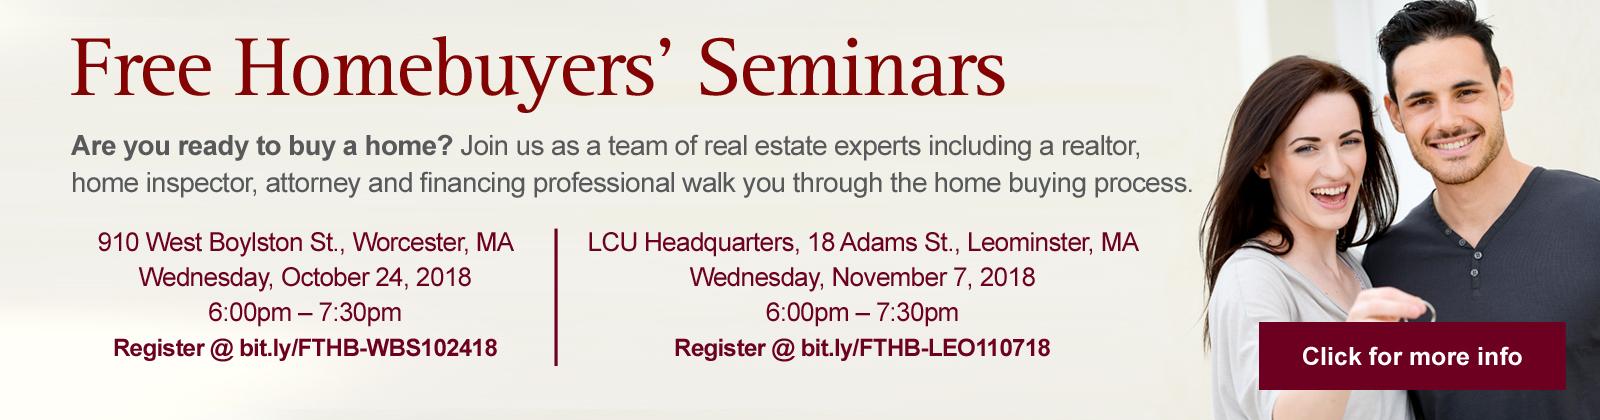 Free Homebuyers' Seminars